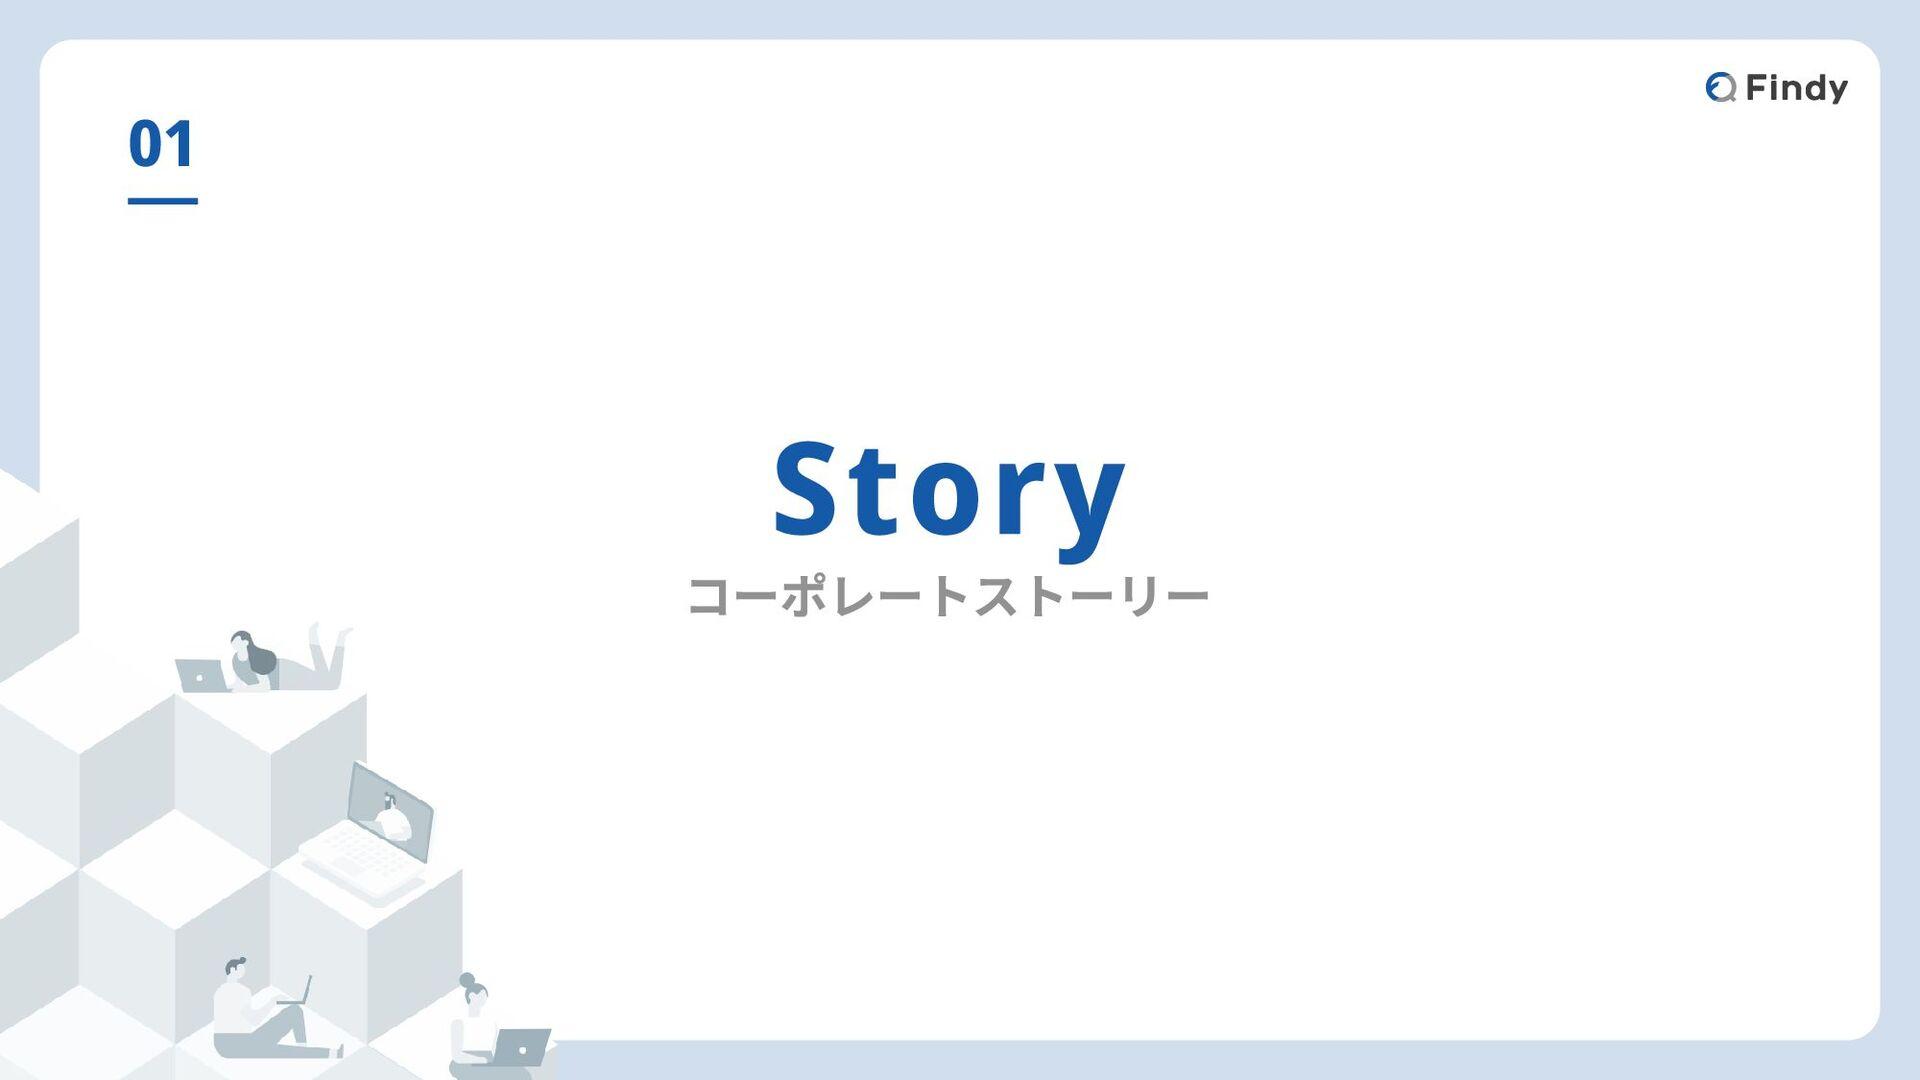 © 2020 Findy Inc. 5 日本がテクノロジーの活用で圧倒的に遅れているから なぜ...